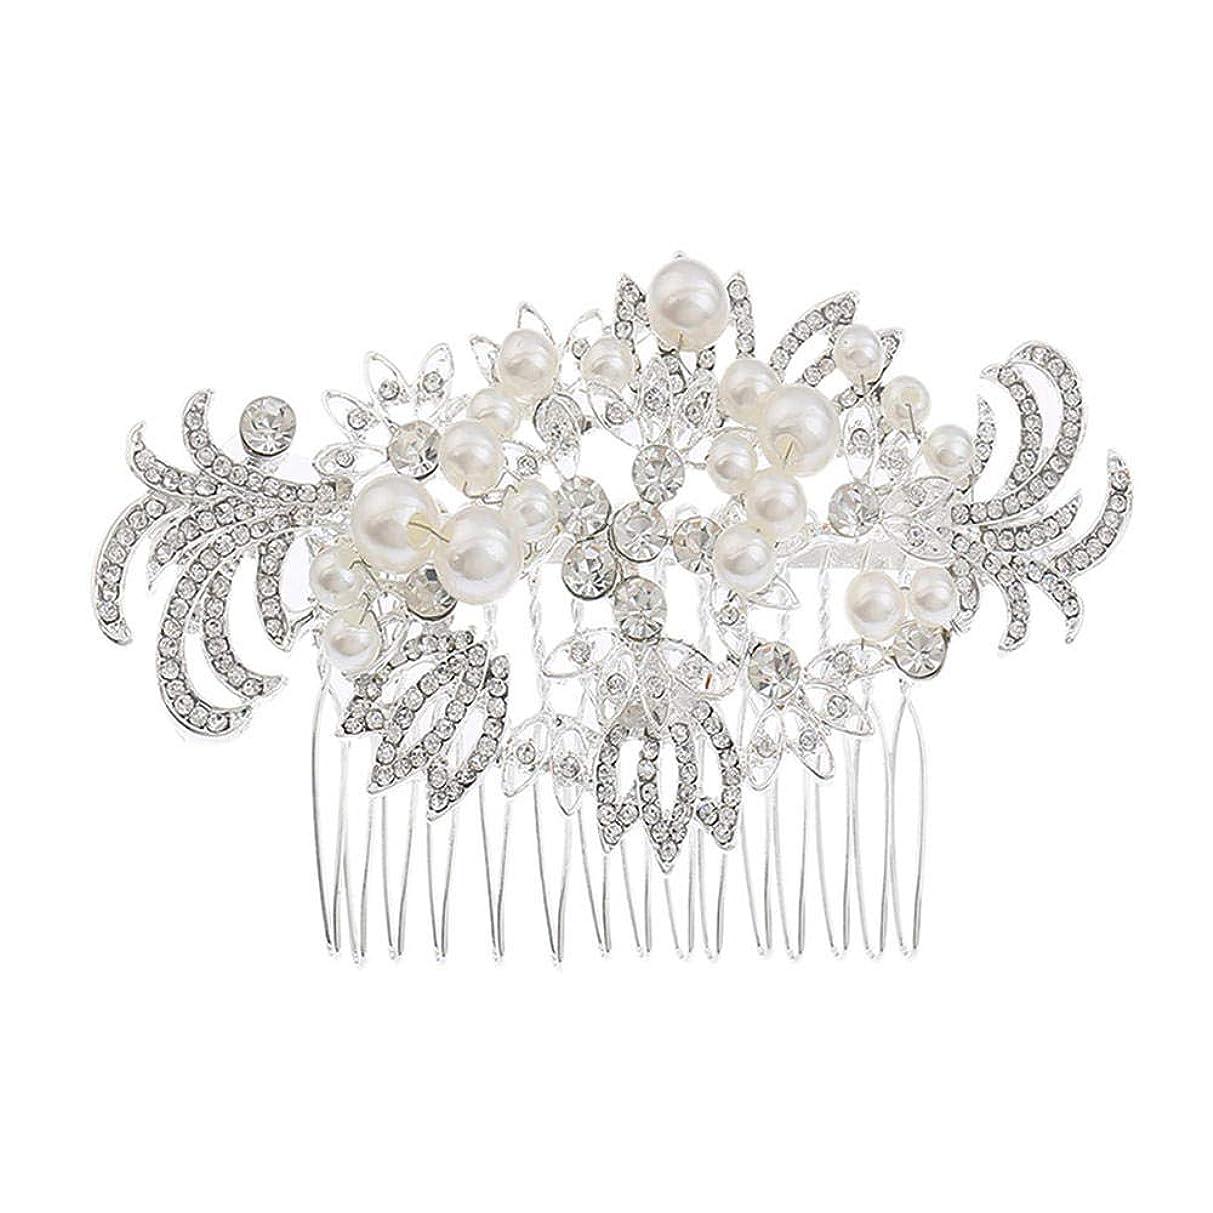 精度水素菊髪の櫛挿入櫛花嫁の髪櫛真珠の髪の櫛ラインストーンの髪の櫛結婚式のヘアアクセサリー合金の帽子ブライダルヘッドドレス